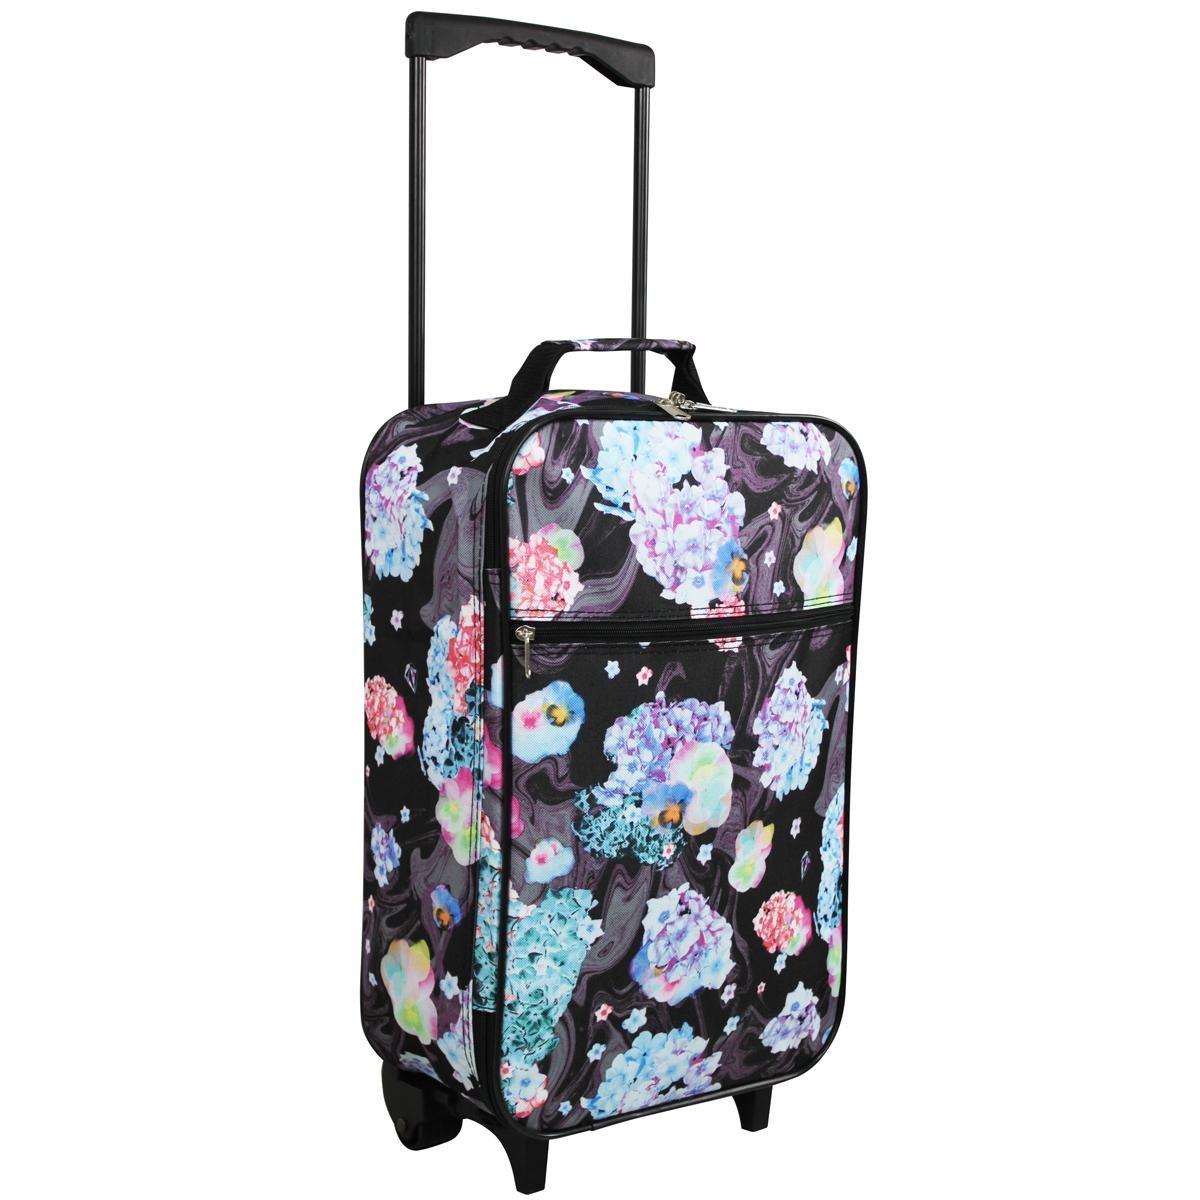 valises souples pliables achat vente de bagages pas cher. Black Bedroom Furniture Sets. Home Design Ideas